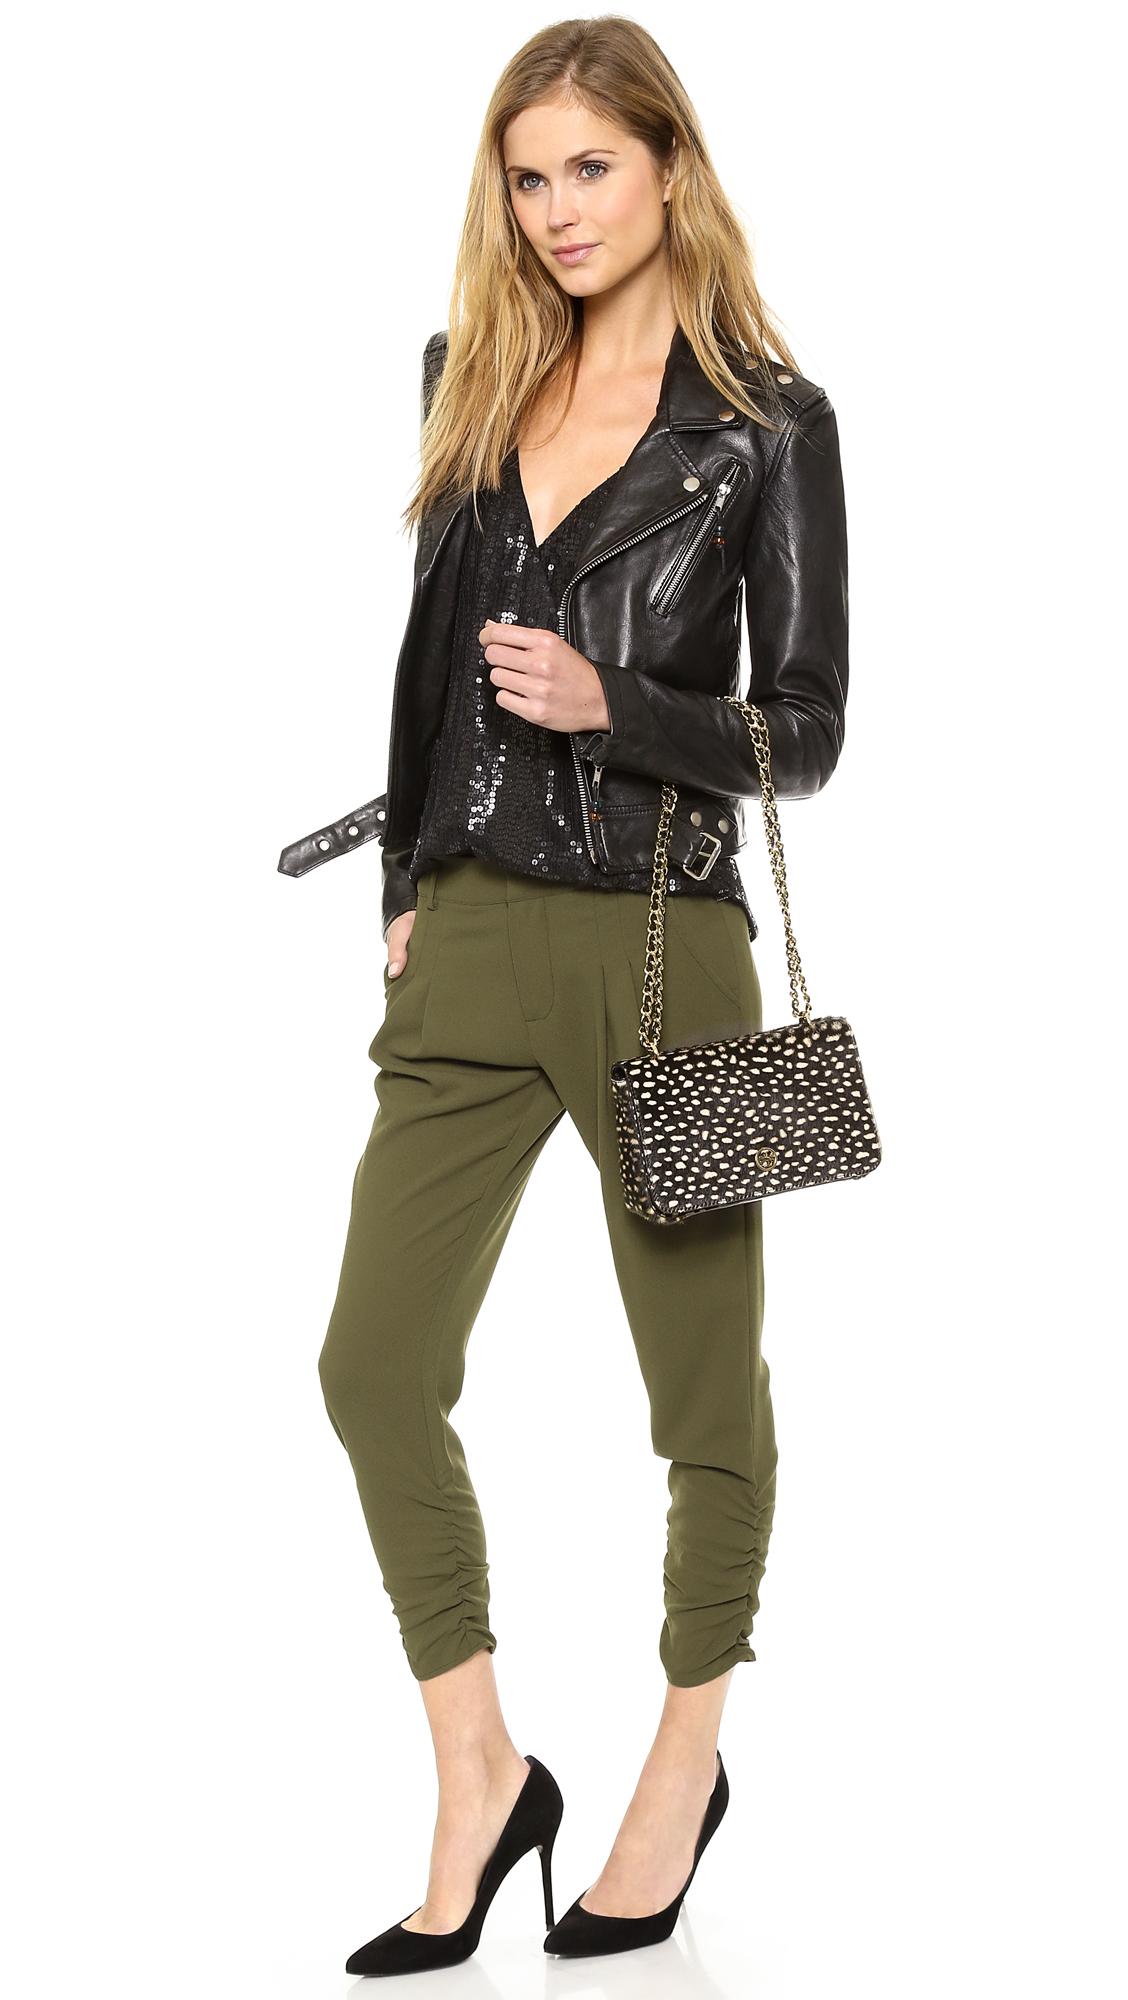 Robinson Adjustable Shoulder Bag Adjustable Shoulder Bag |